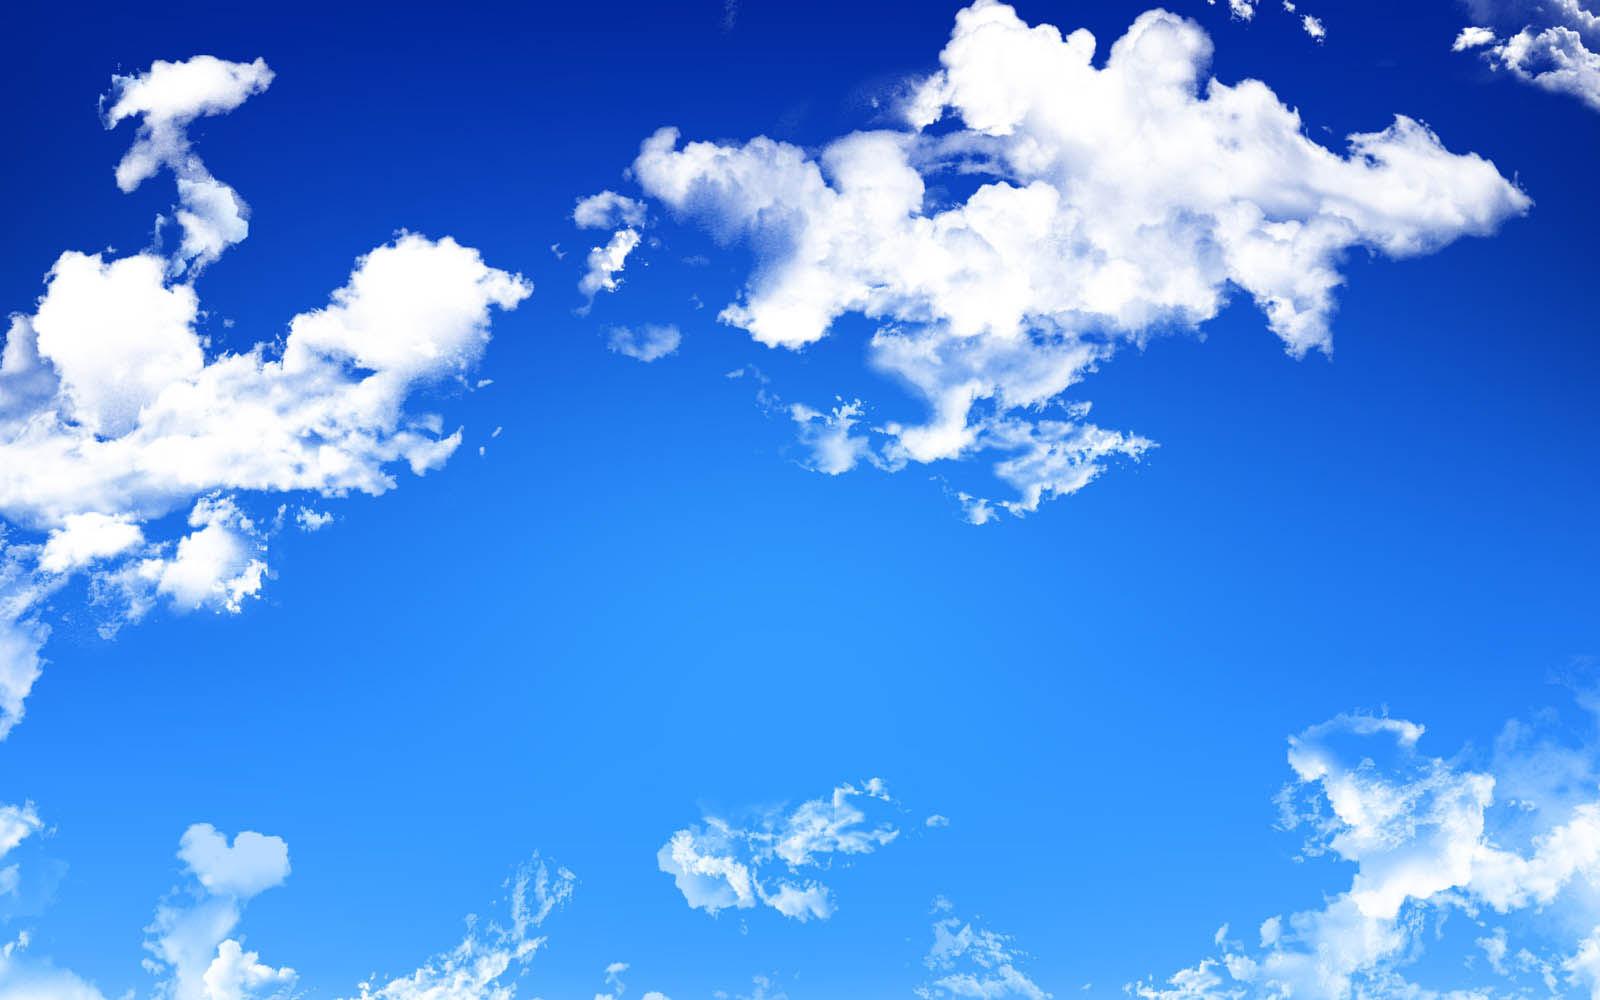 Desktop Wallpapers: Blue Sky Desktop Wallpapers